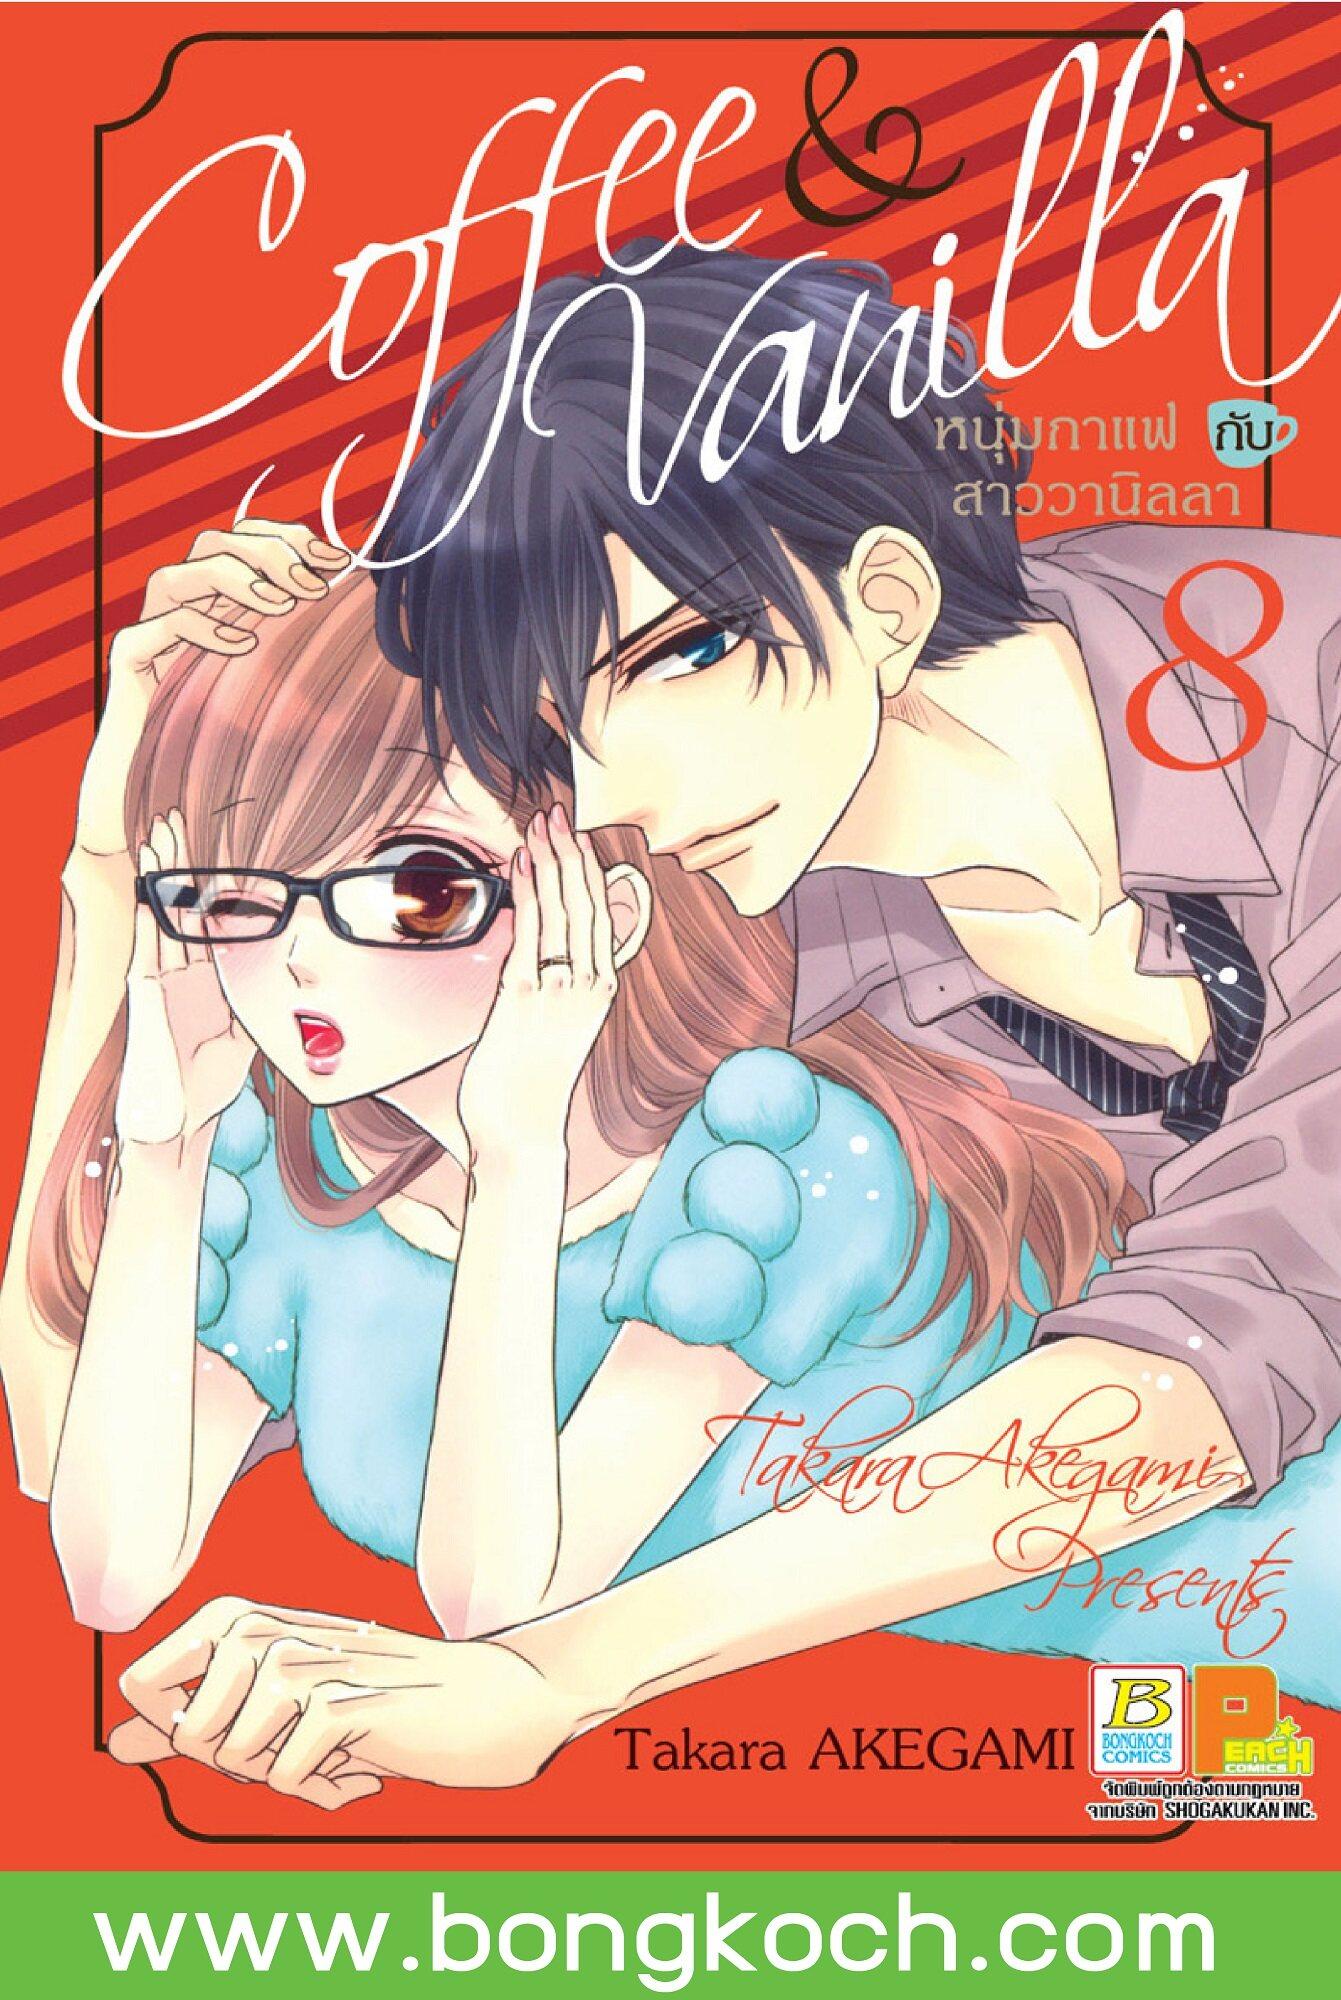 หนังสือการ์ตูนญี่ปุ่น เรื่อง Coffee & Vanilla หนุ่มกาแฟกับสาววานิลลา (เล่ม 8) ประเภท การ์ตูน ญี่ปุ่น บงกช Bongkoch.